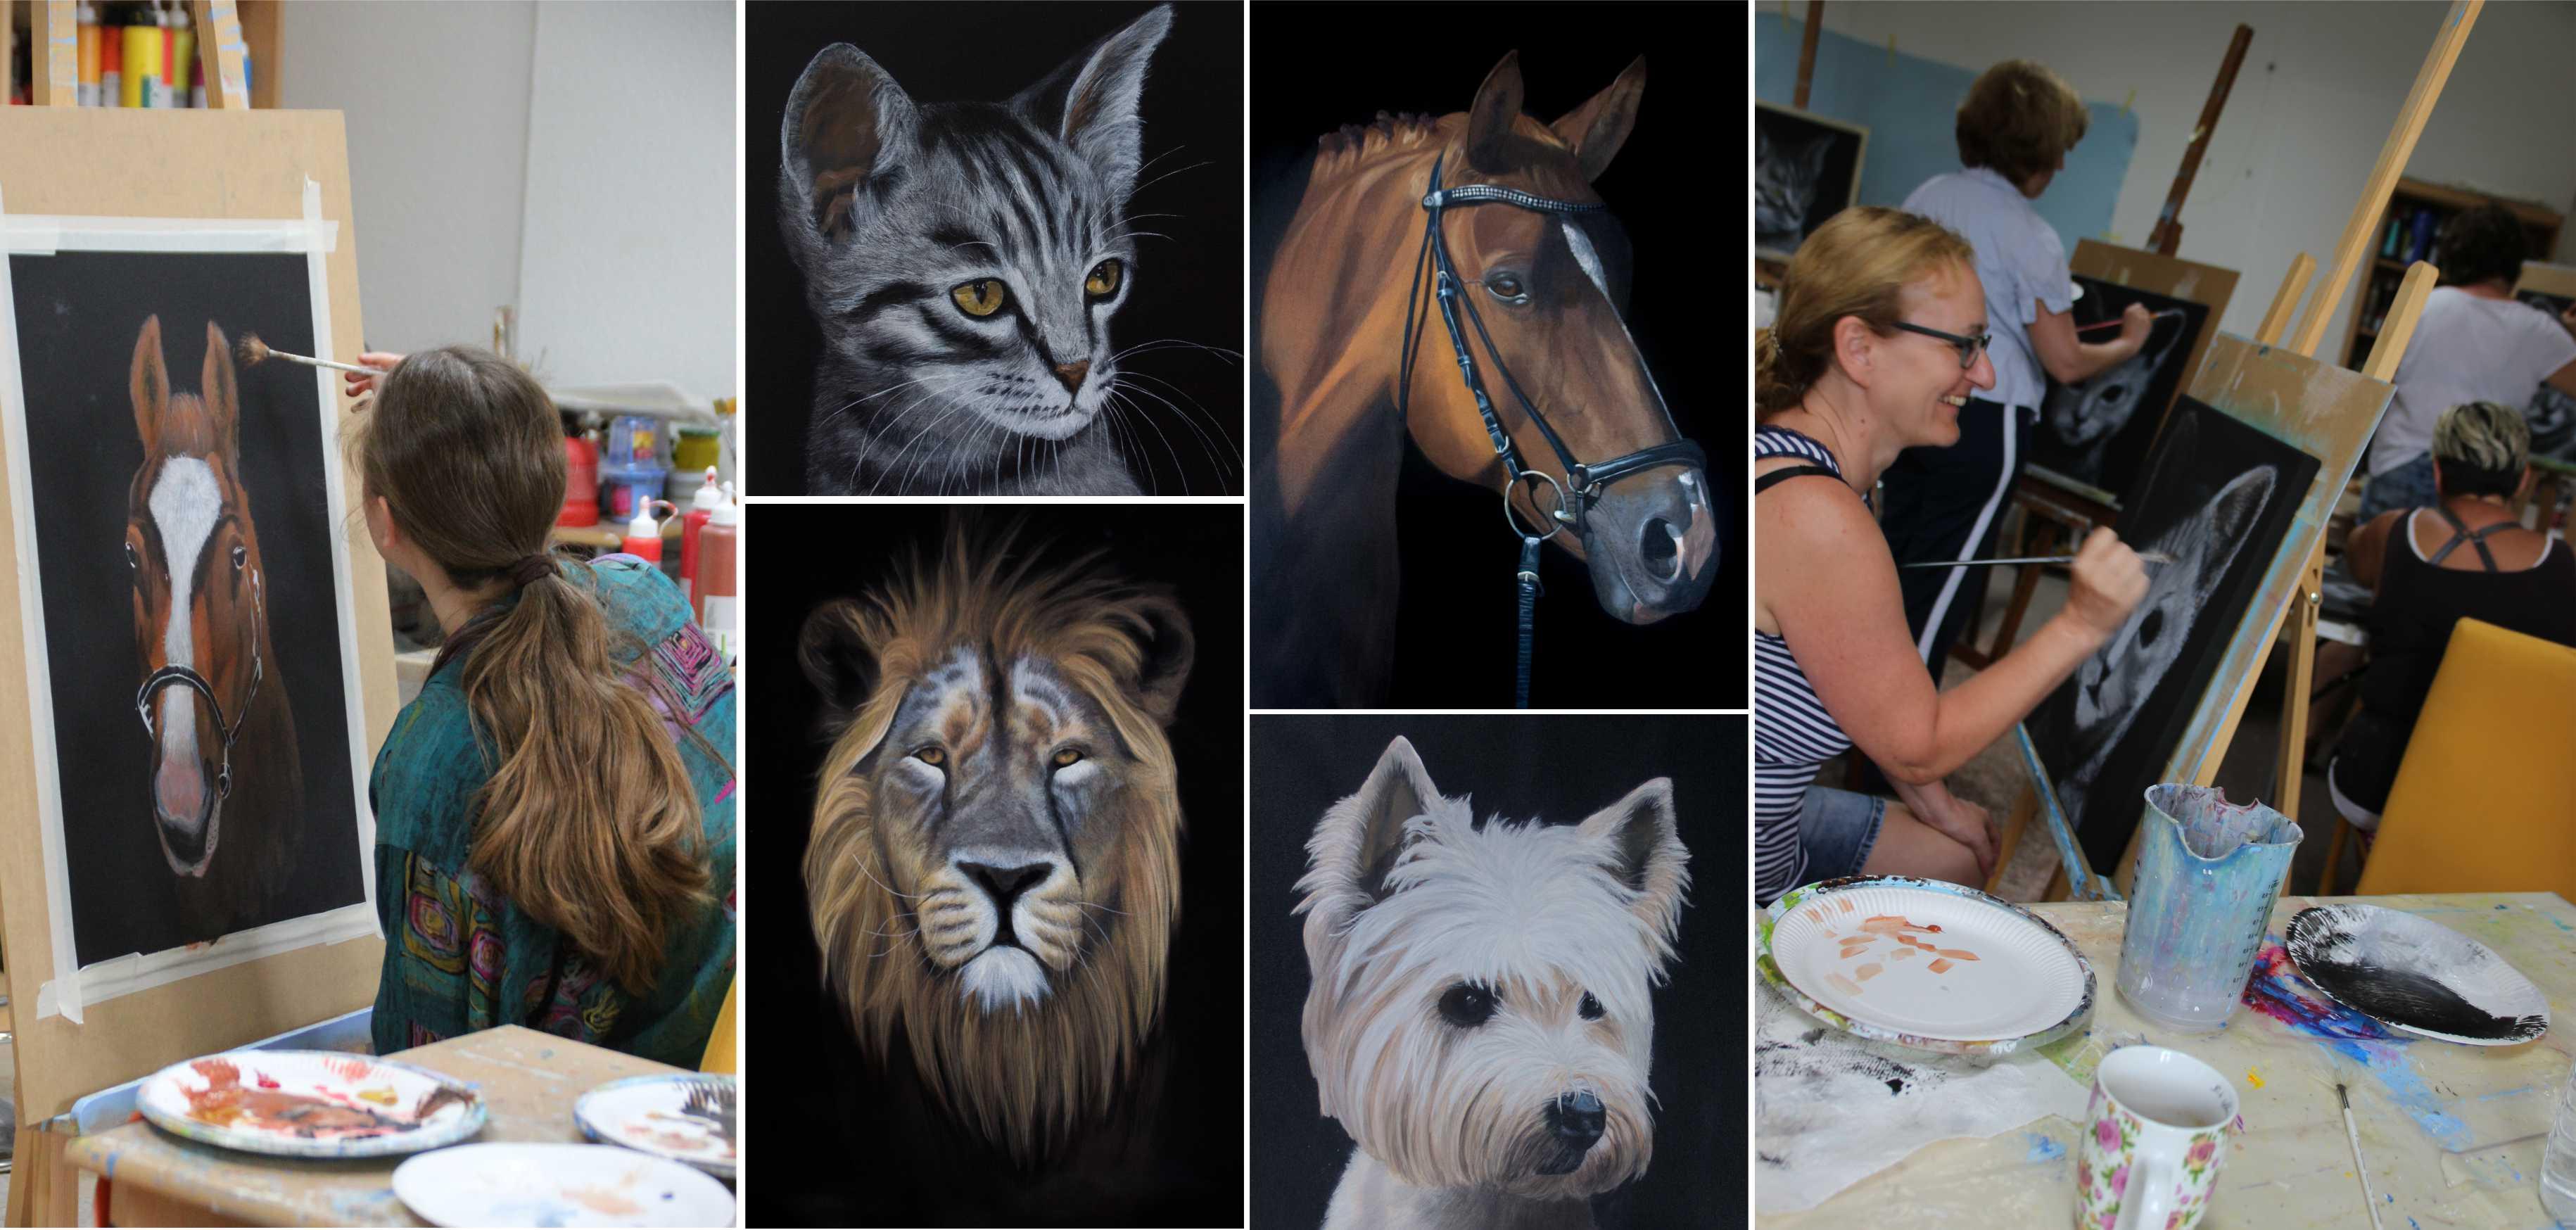 Kurs Wildlife - Tiermalerei für Künstler Kunstakademie Wertheim, Akademie für Fotorealismus, Atelier Leoni